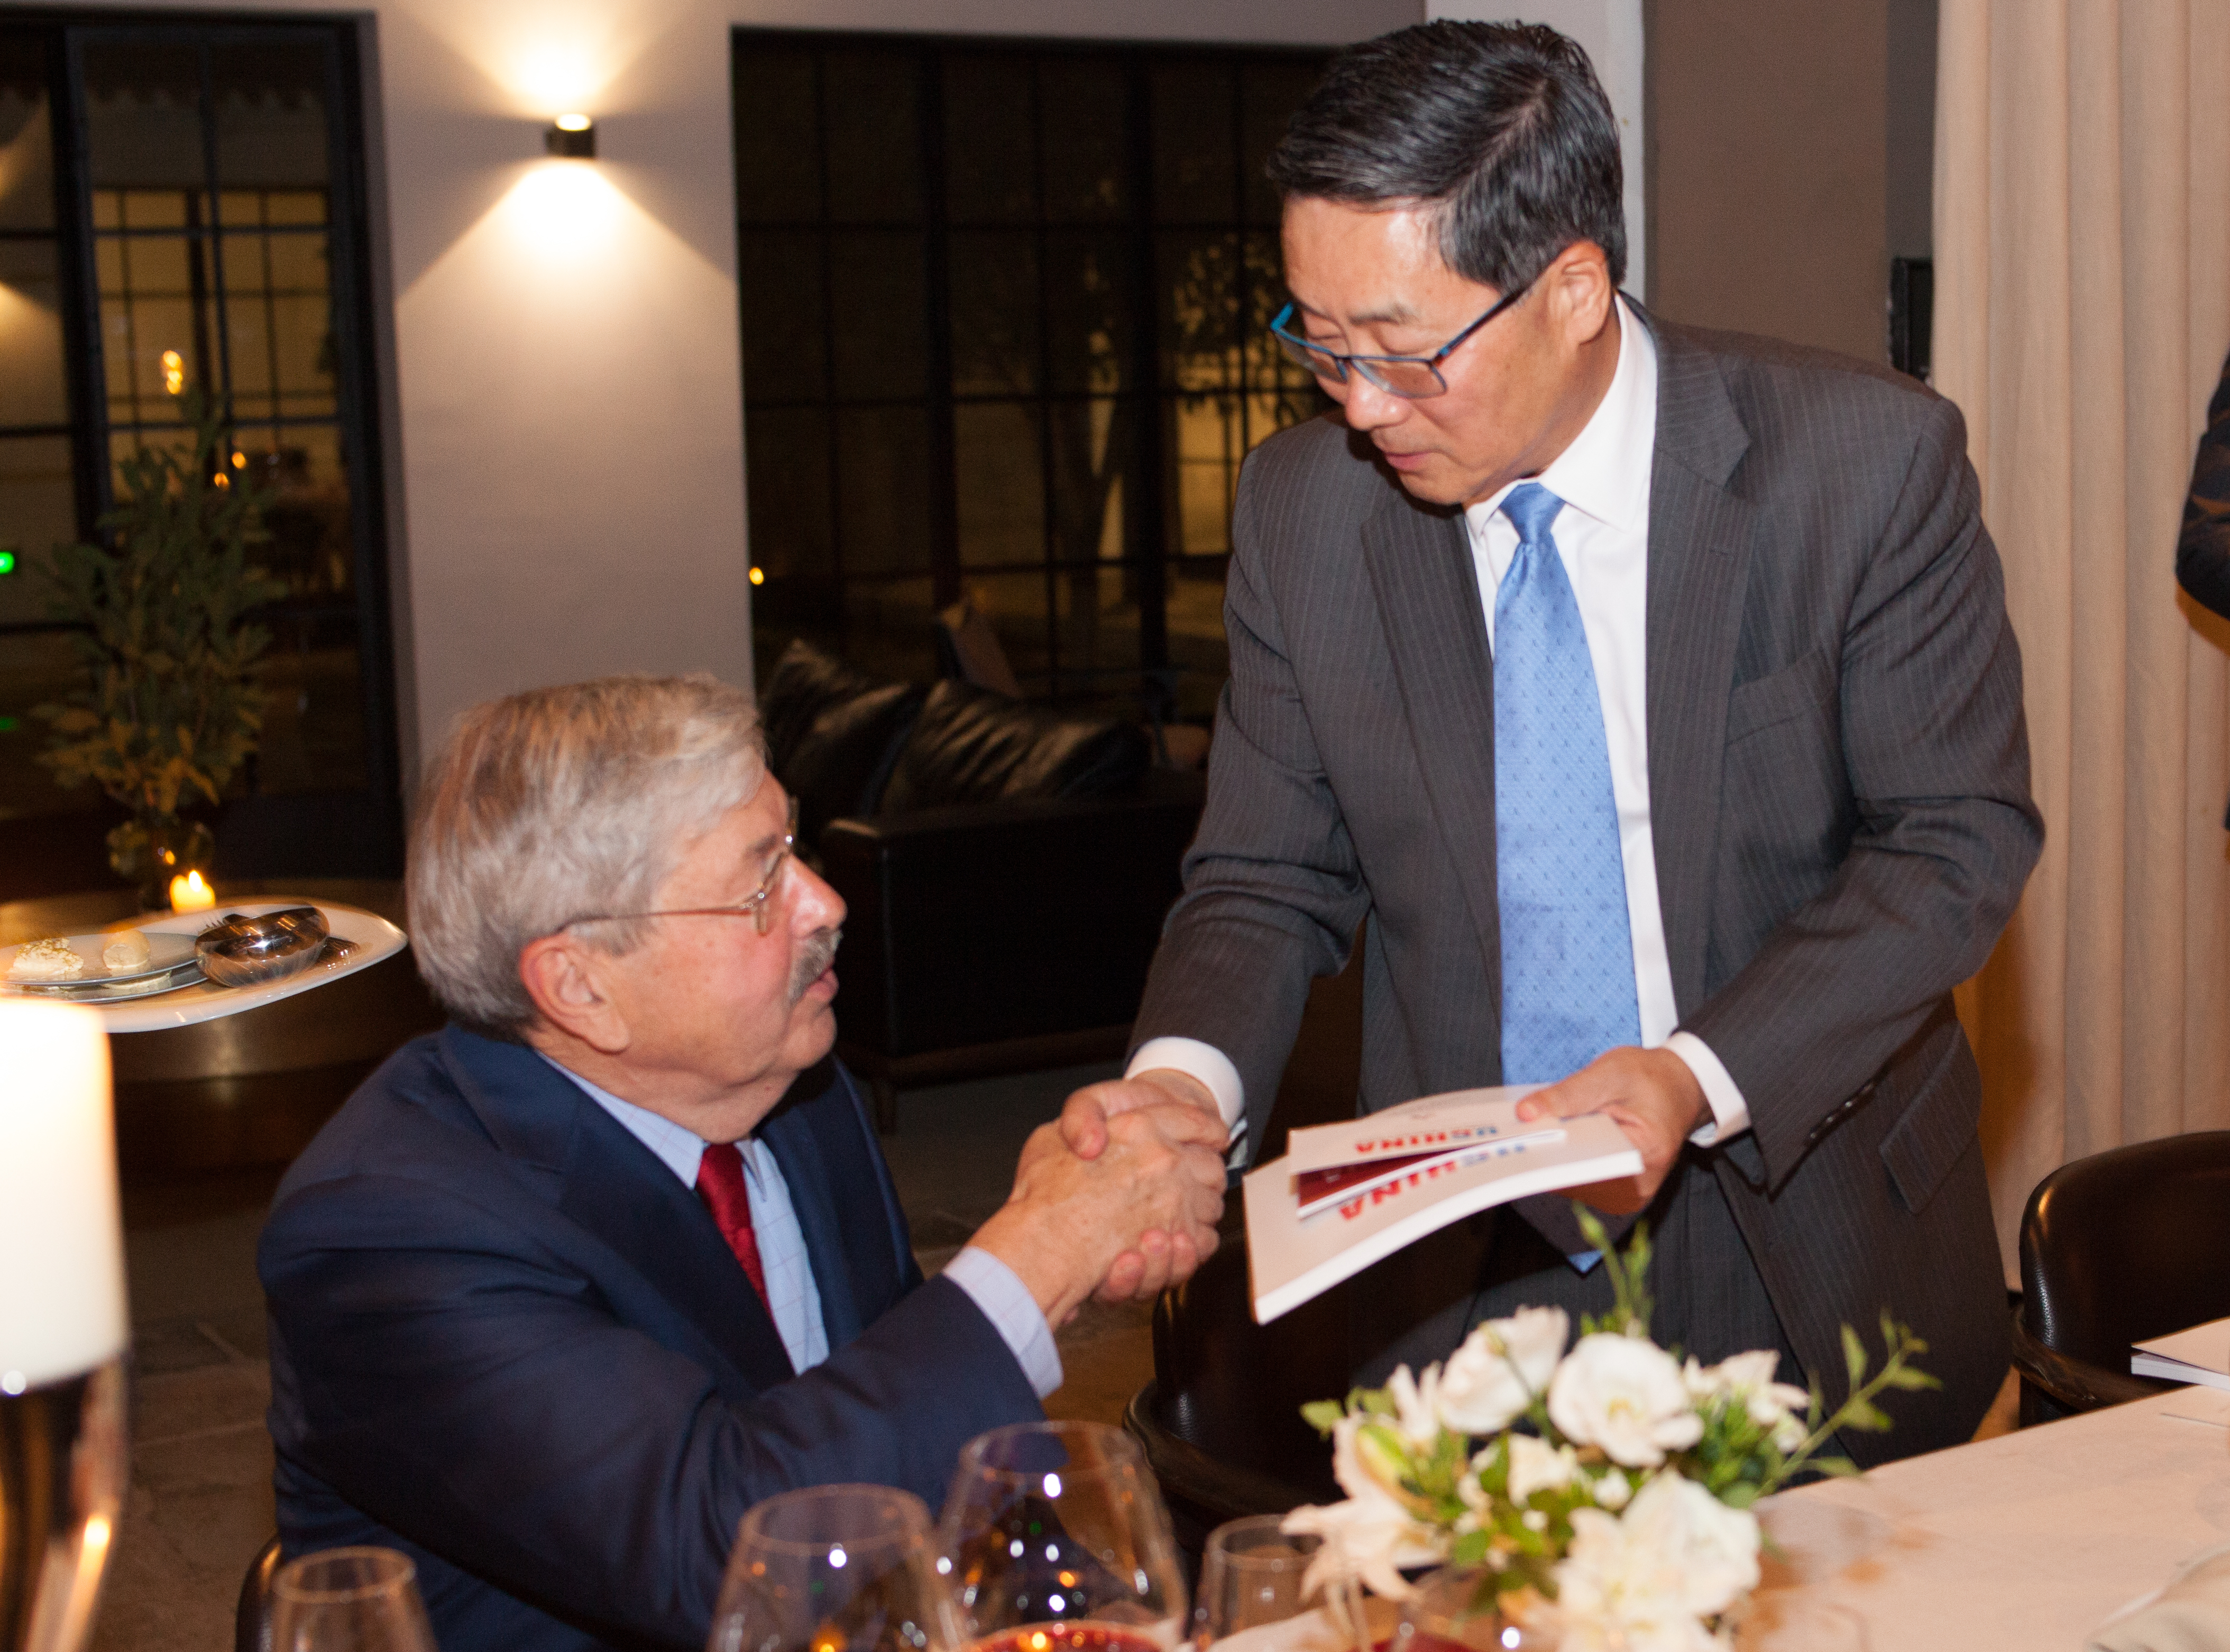 Dazong Wang and Ambassador Branstad shaking hands, giving survey